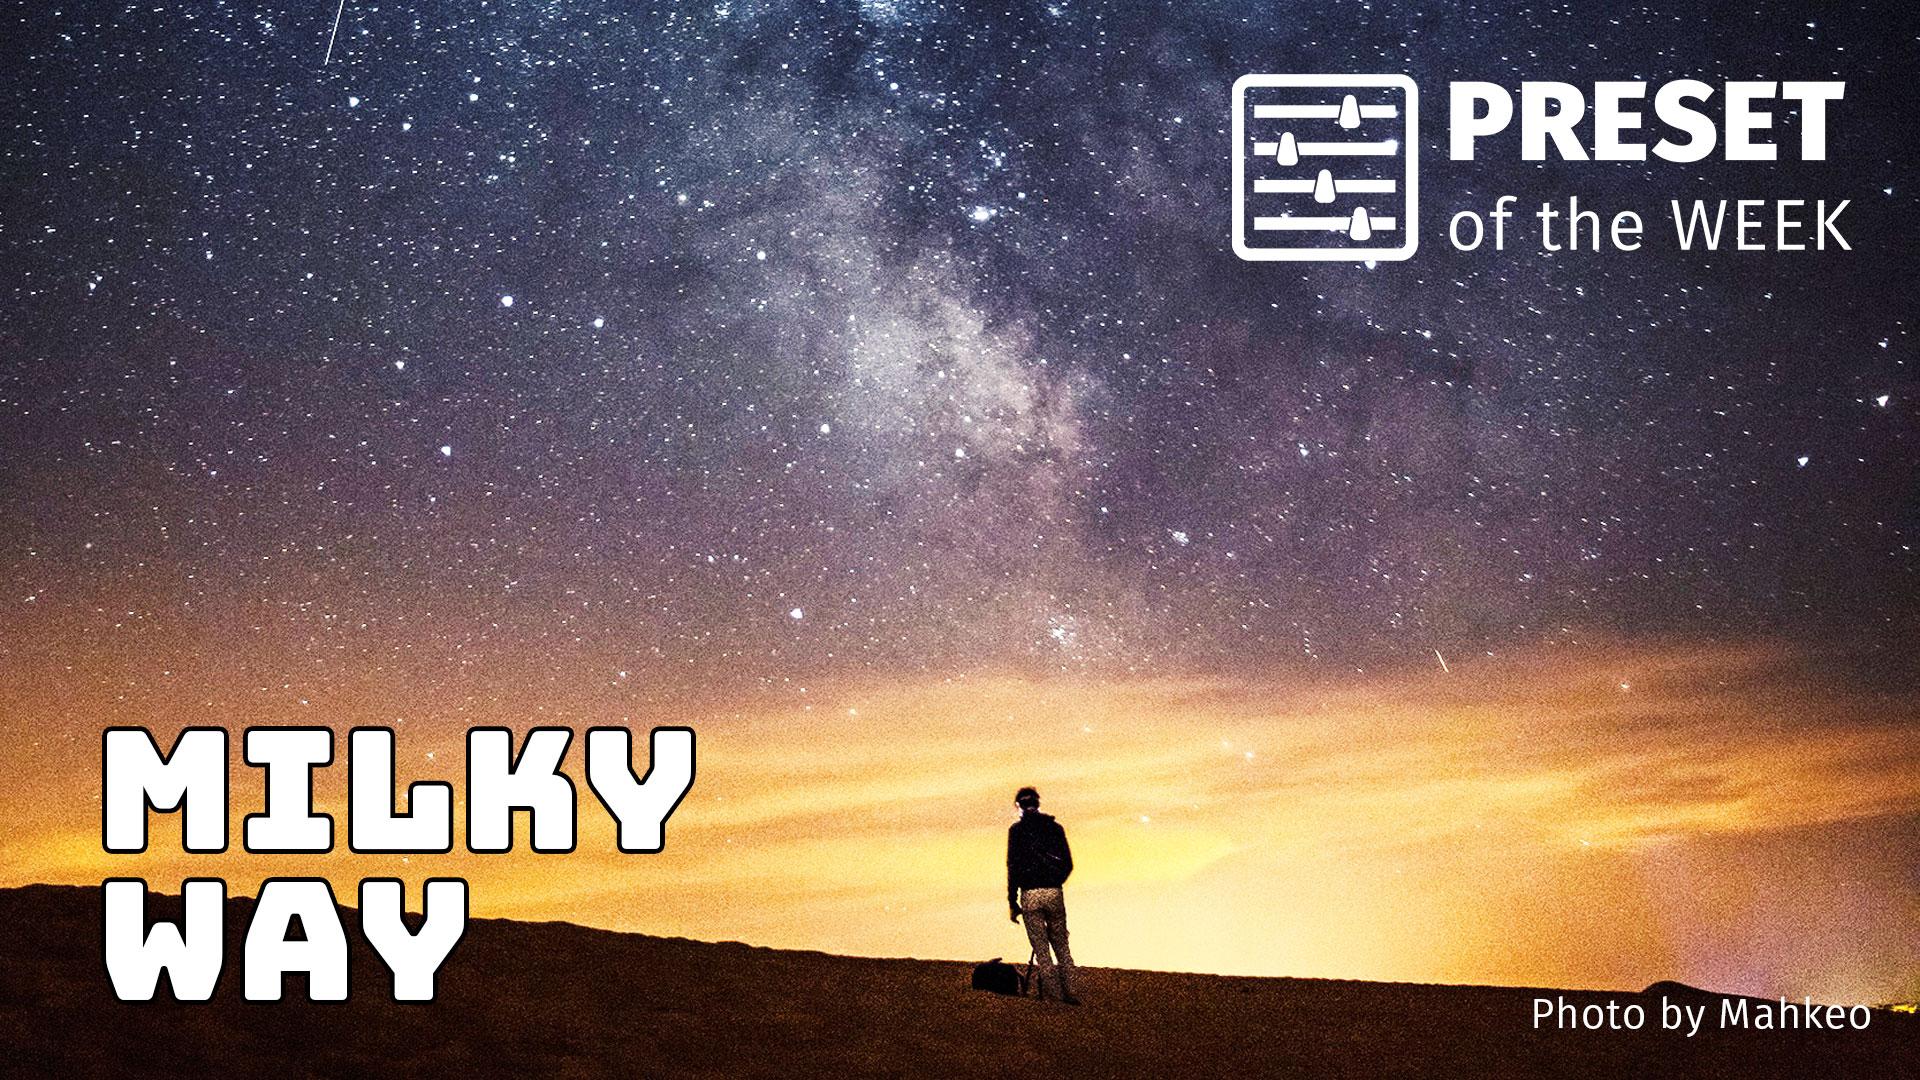 Free Preset of the Week – Milky Way